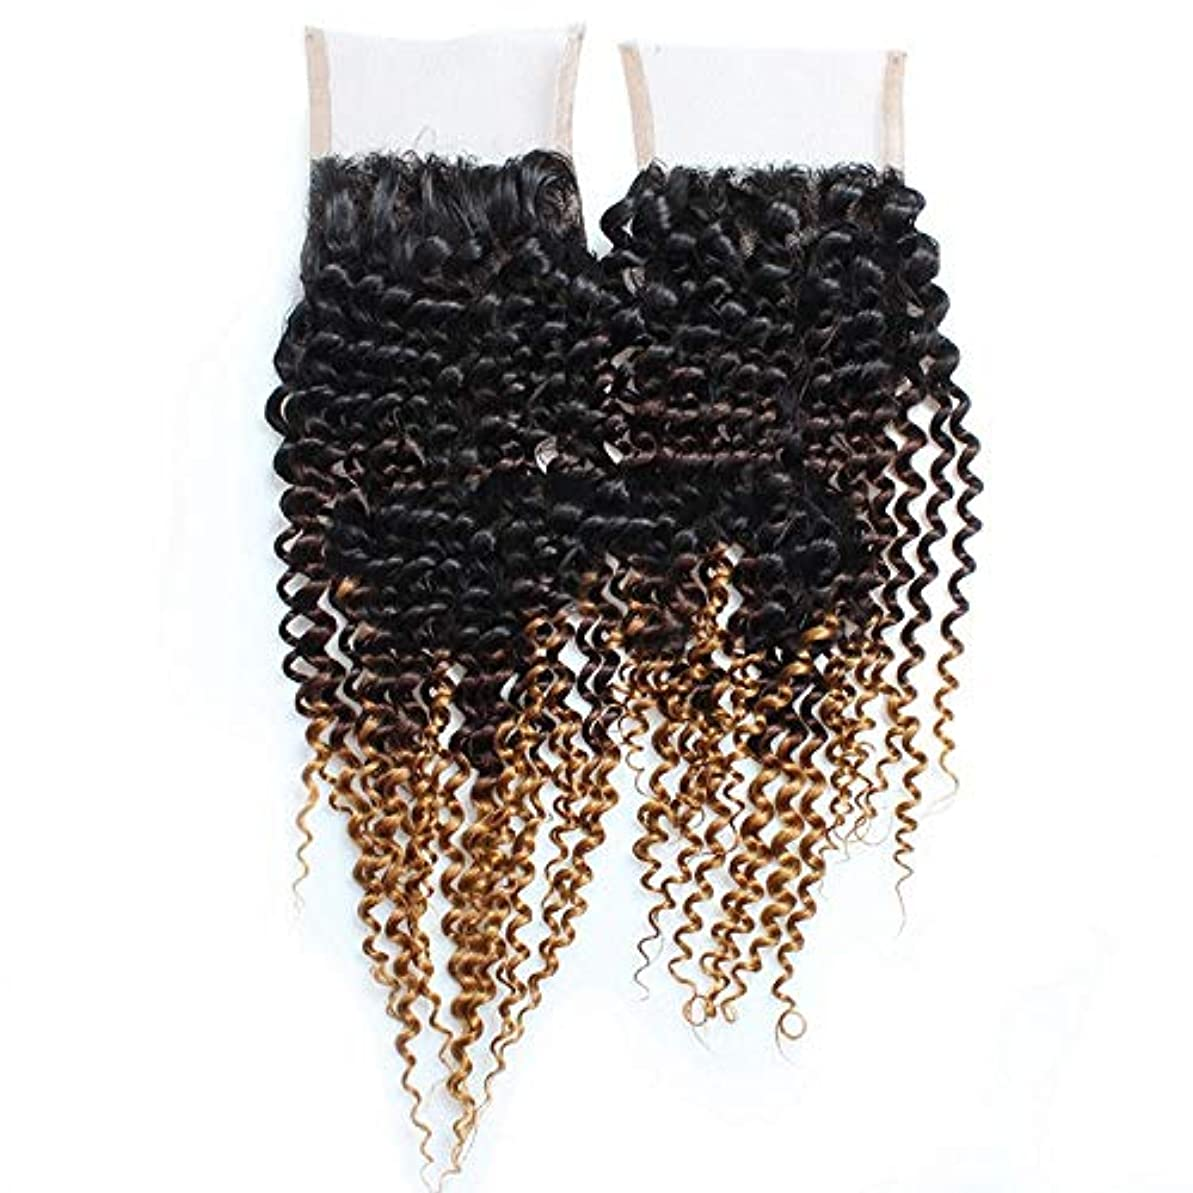 船尾シンボル作物HOHYLLYA 4×4レース前頭閉鎖黒からブロンドの3トーンカラー9A人間の髪の毛自然に見える合成髪レースかつらロールプレイングかつら長くて短い女性自然 (色 : ブラウン, サイズ : 12 inch)